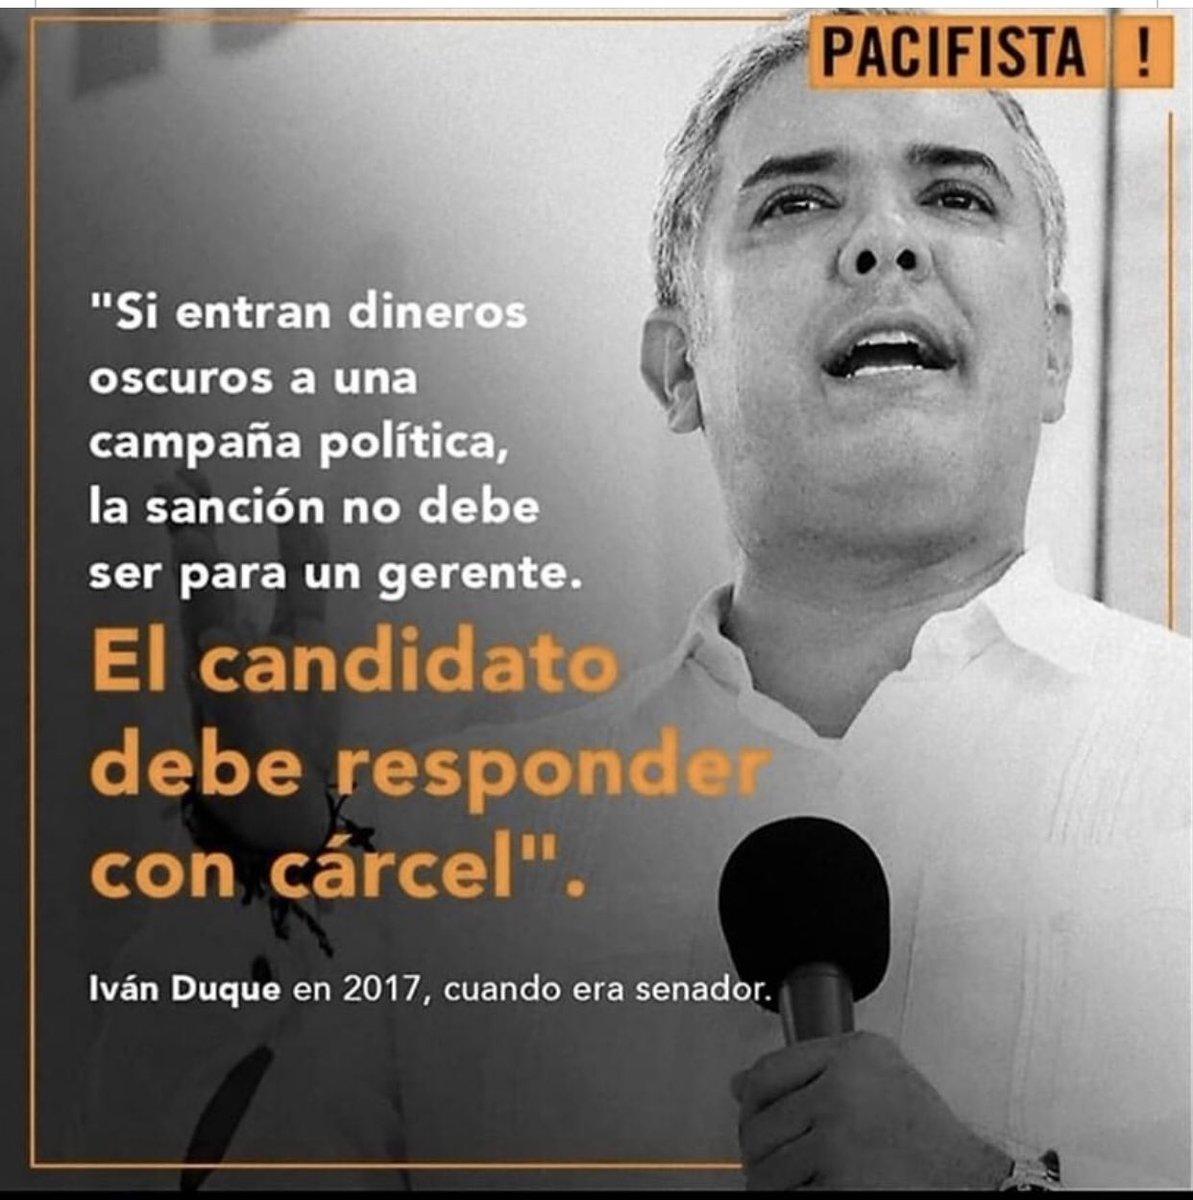 Apoyo al señor presidente @IvanDuque https://t.co/vGDCf2E9c2